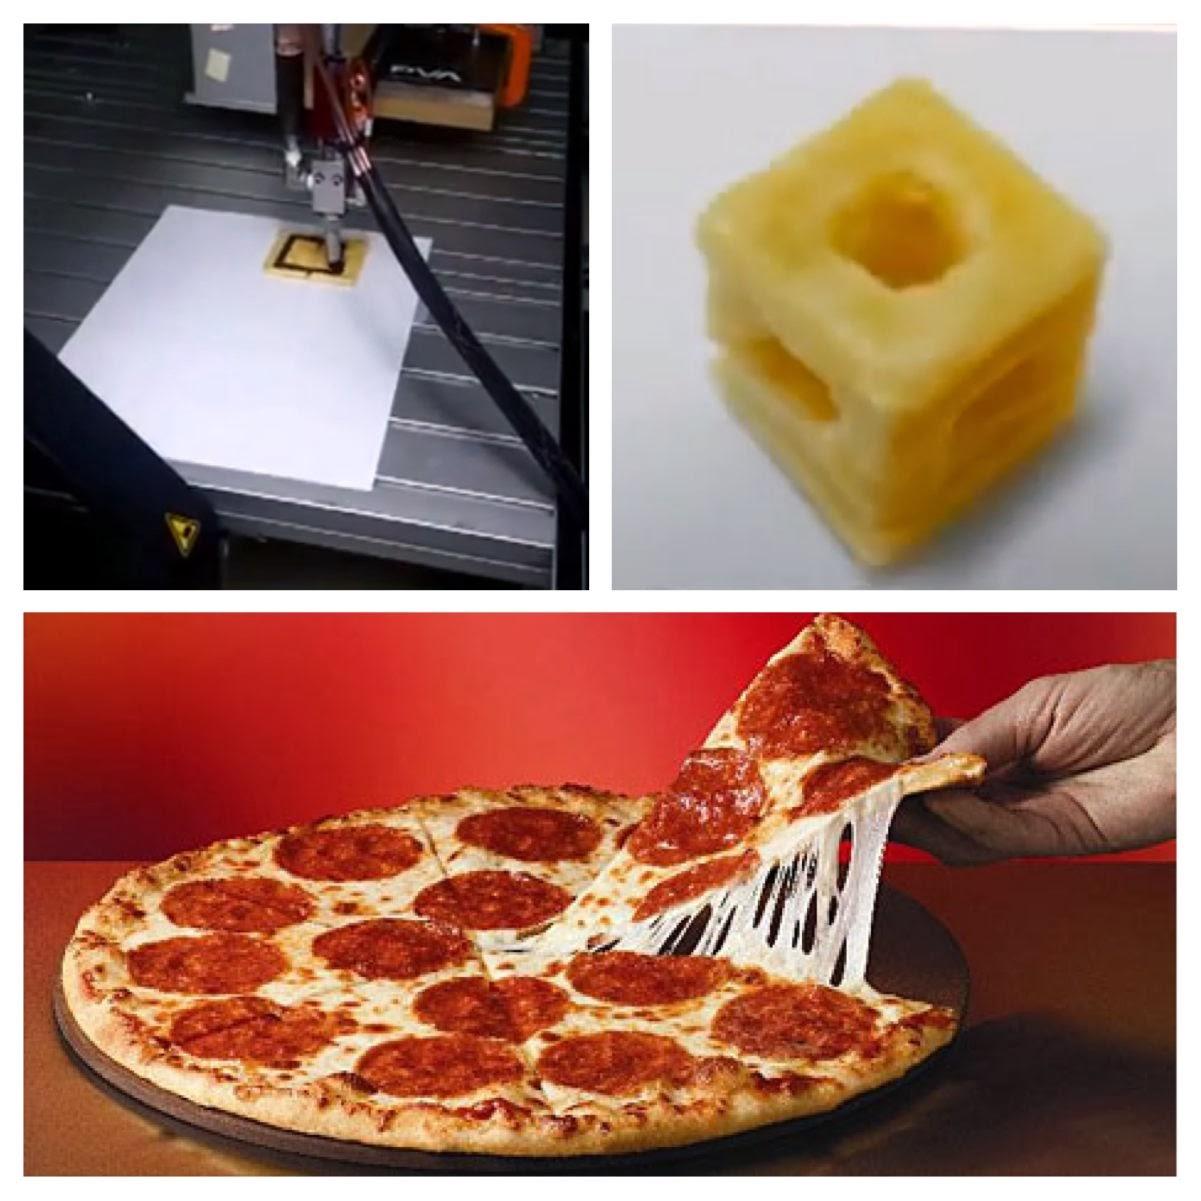 s3d printer pizza nasa - photo #15